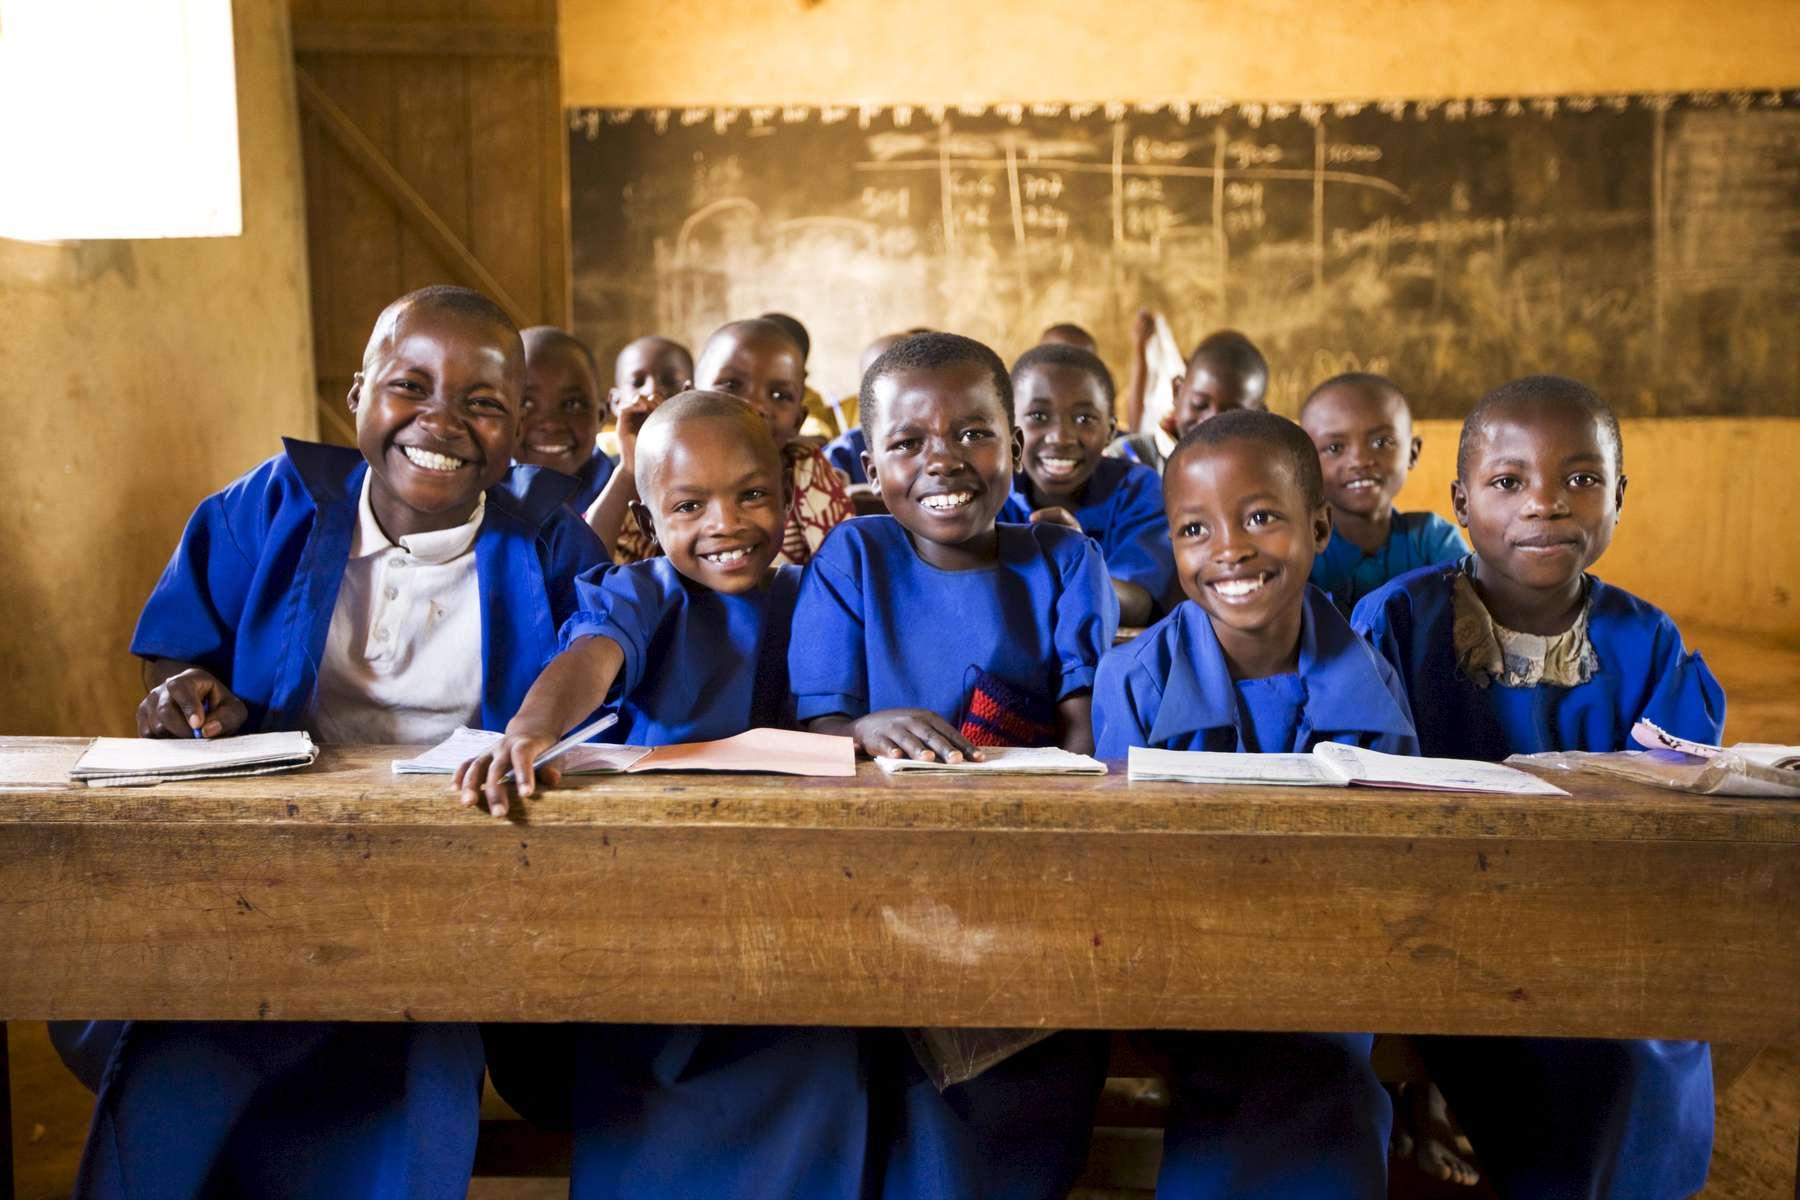 Kids in school, Rwanda